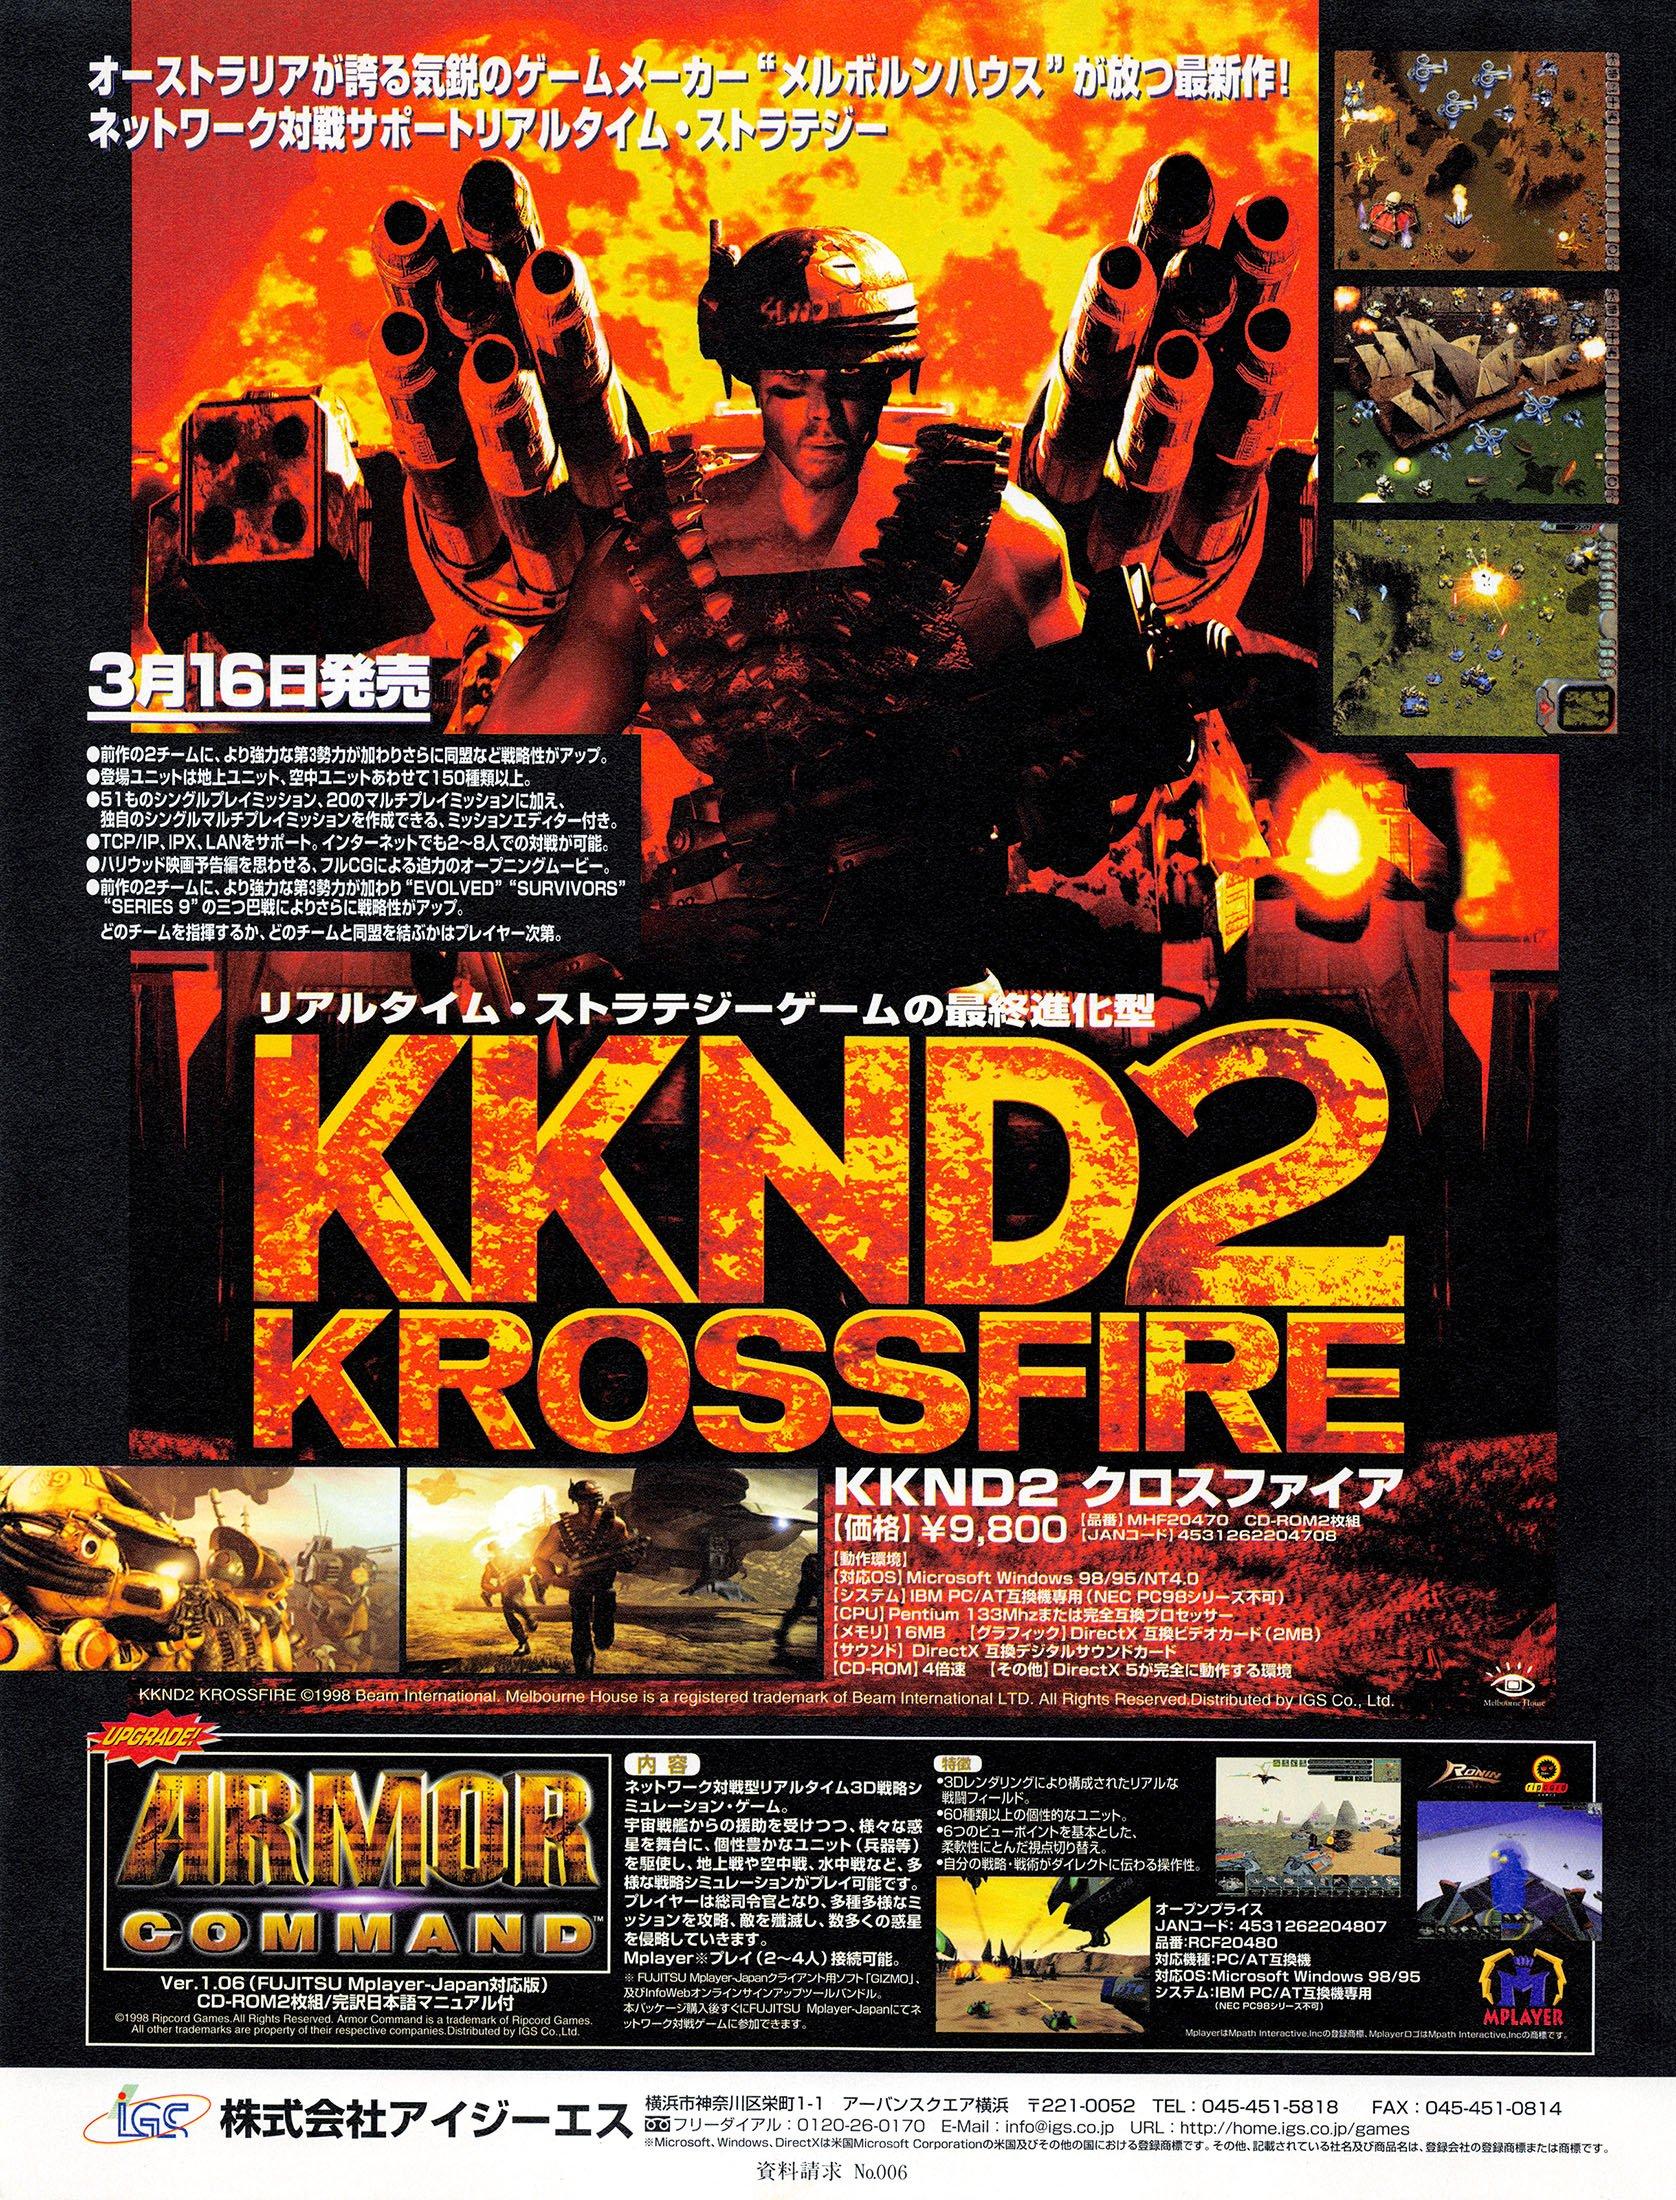 KKND2: Krossfire (Japan)